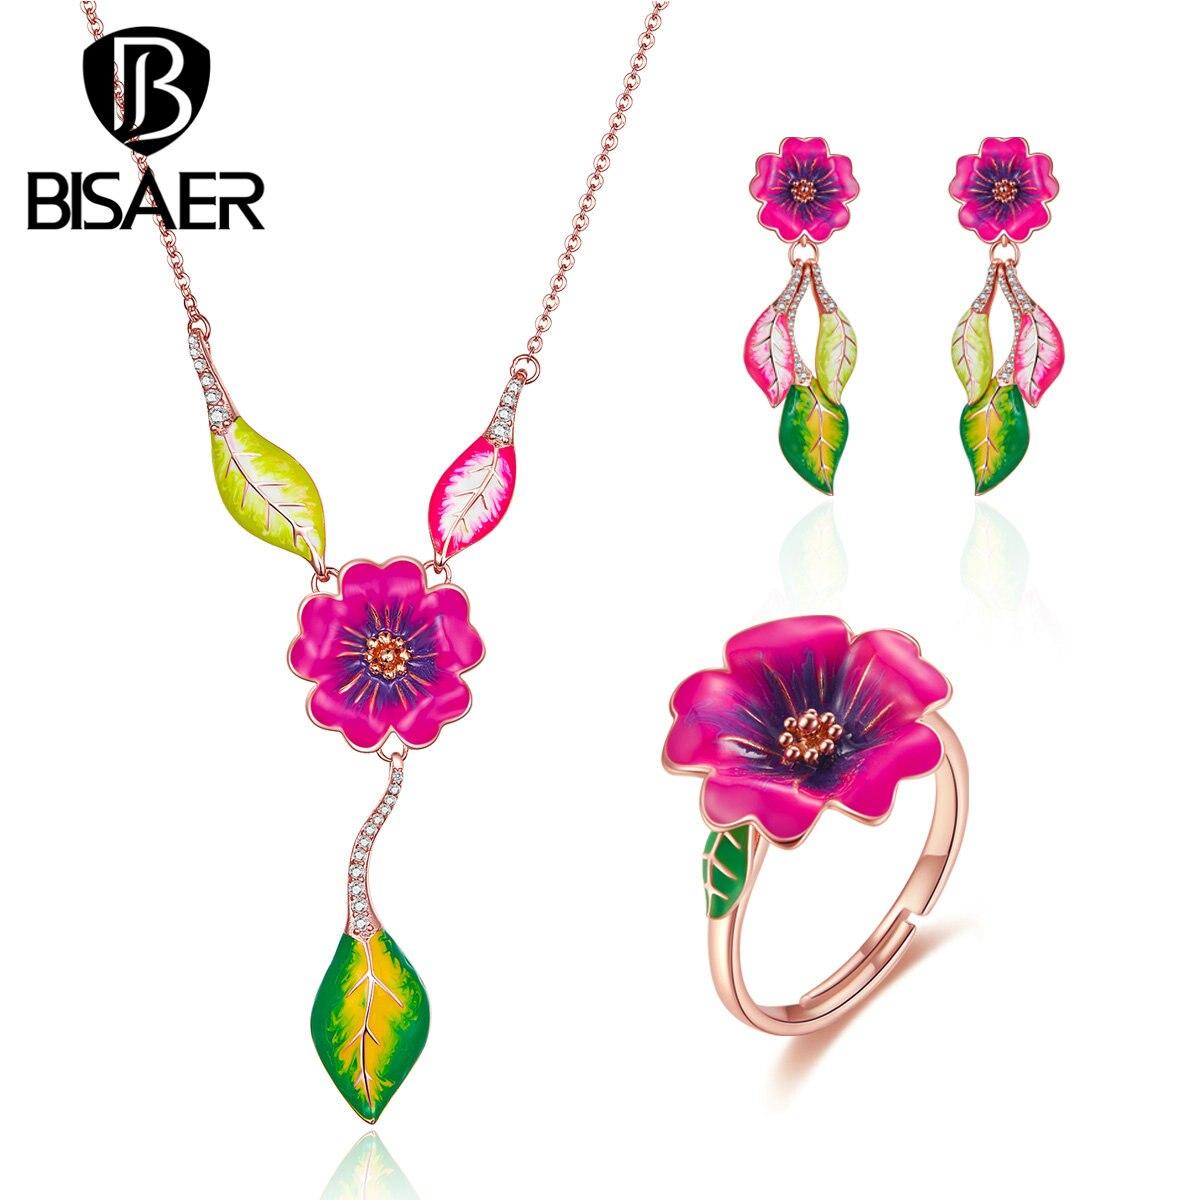 Conjunto de joyería elegante de 3ps de BISAER, joyería de Rosa en llamas, pendientes y anillos y collares para mujer, juego de joyas de lujo HPS177